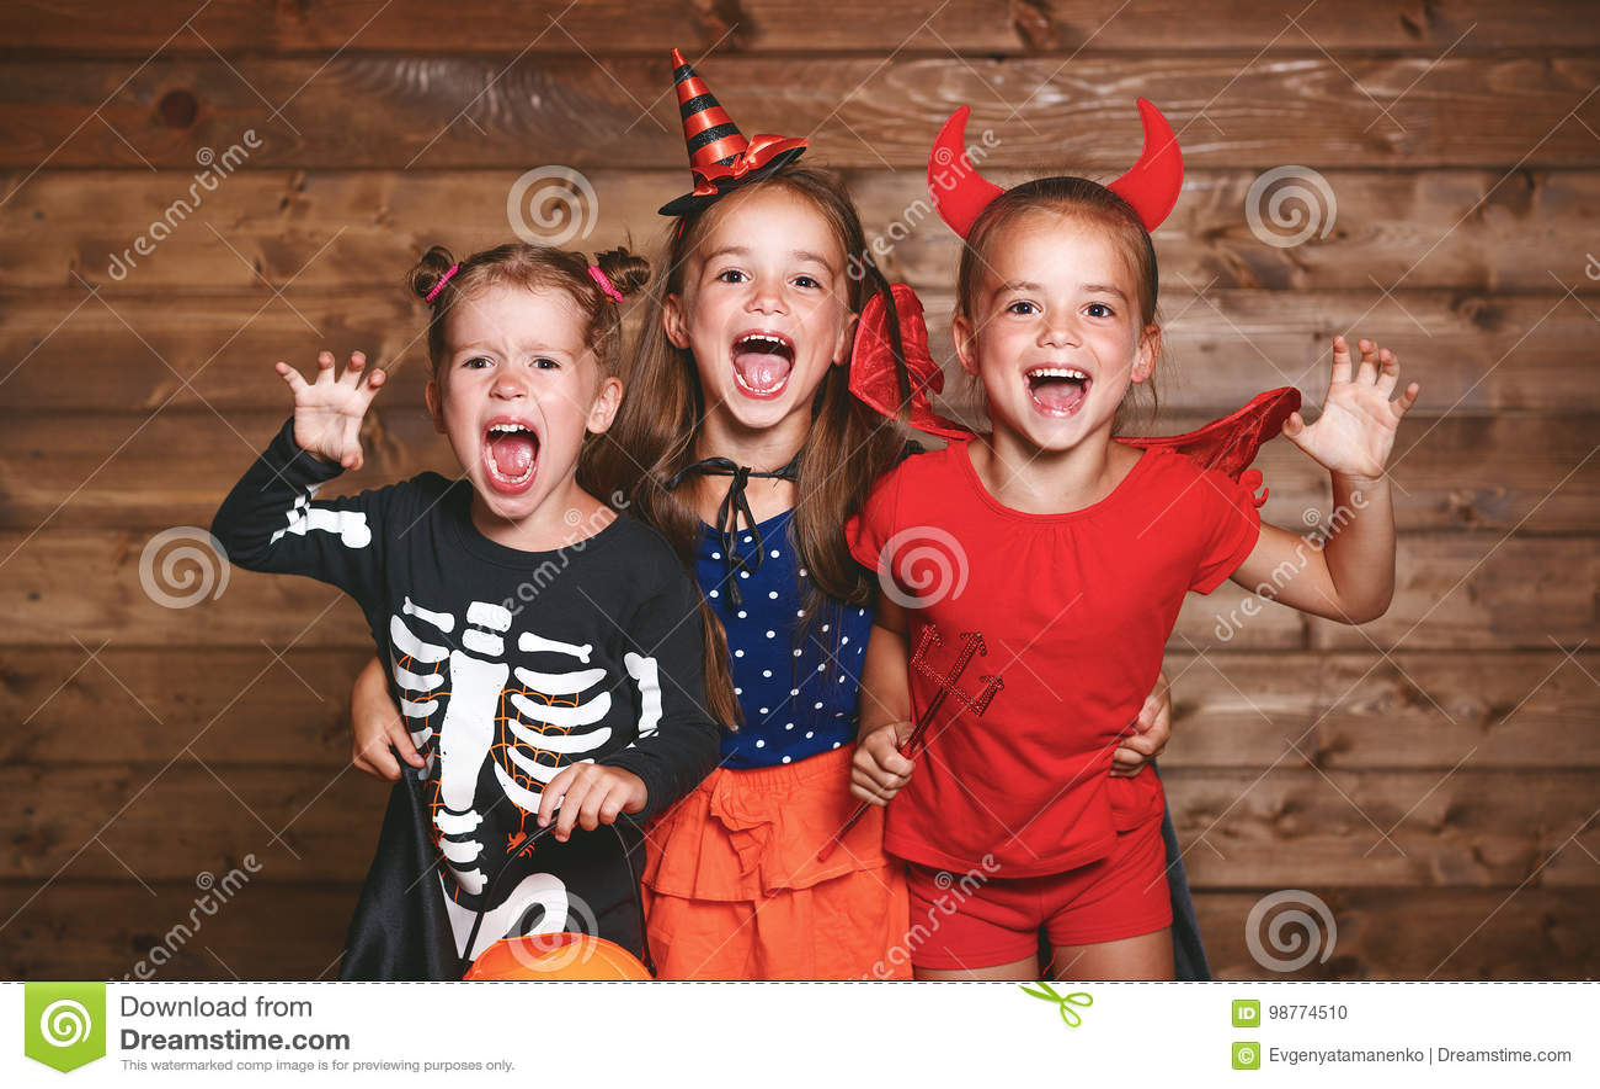 Rżnięta Halloween wakacje rżnięty osoby bania Śmieszni grupowi dzieci w karnawałowych kostiumach